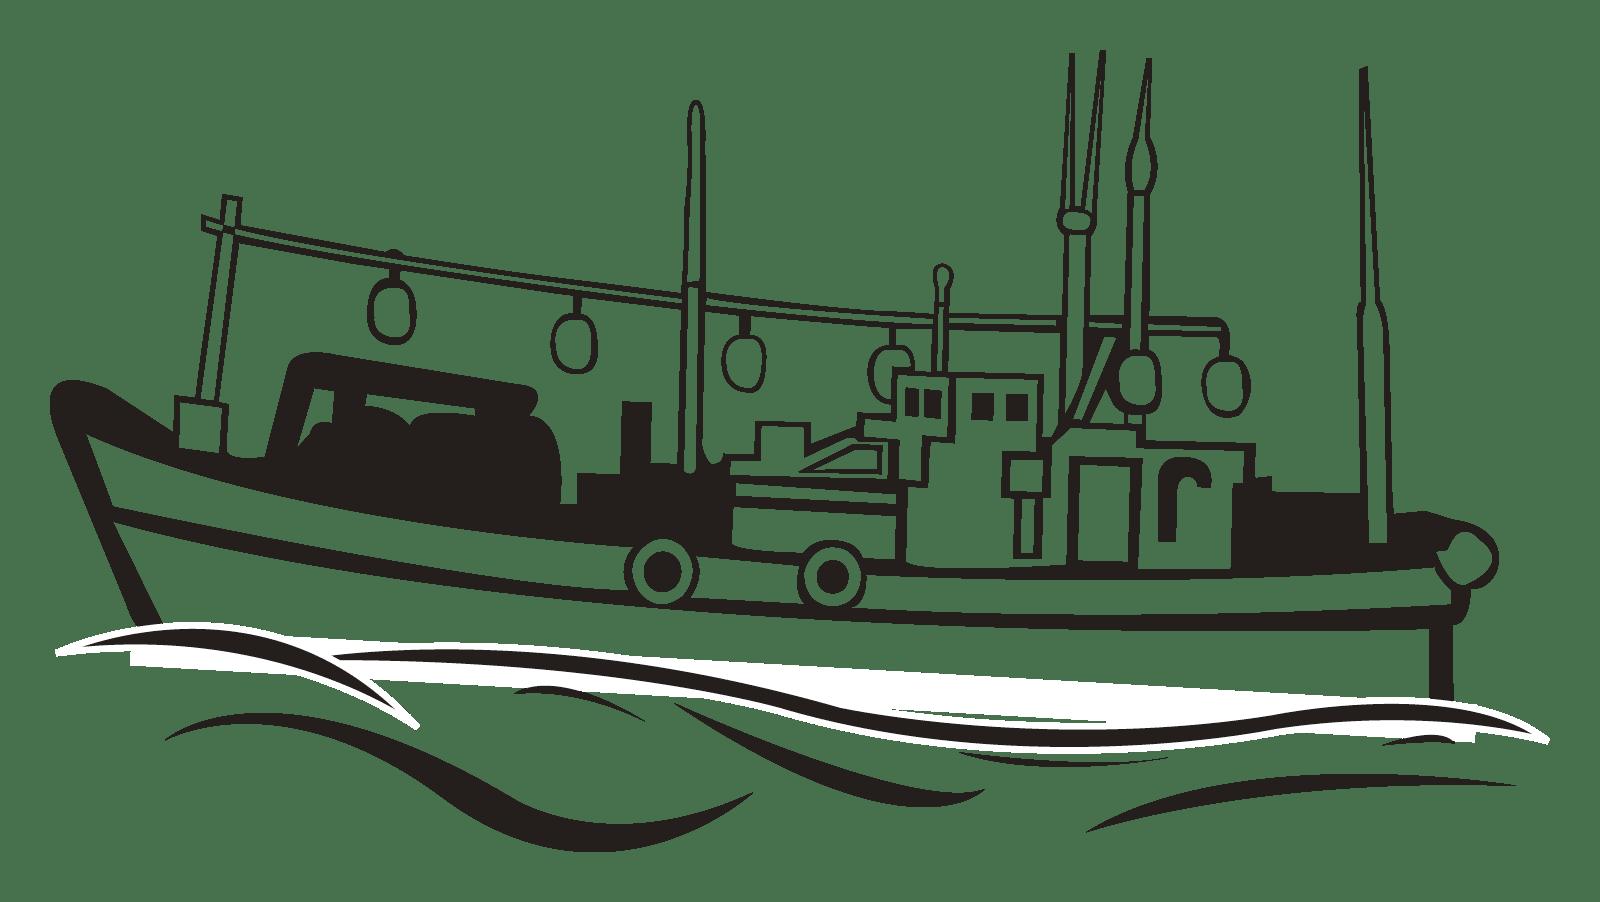 漁業の紹介のイラスト